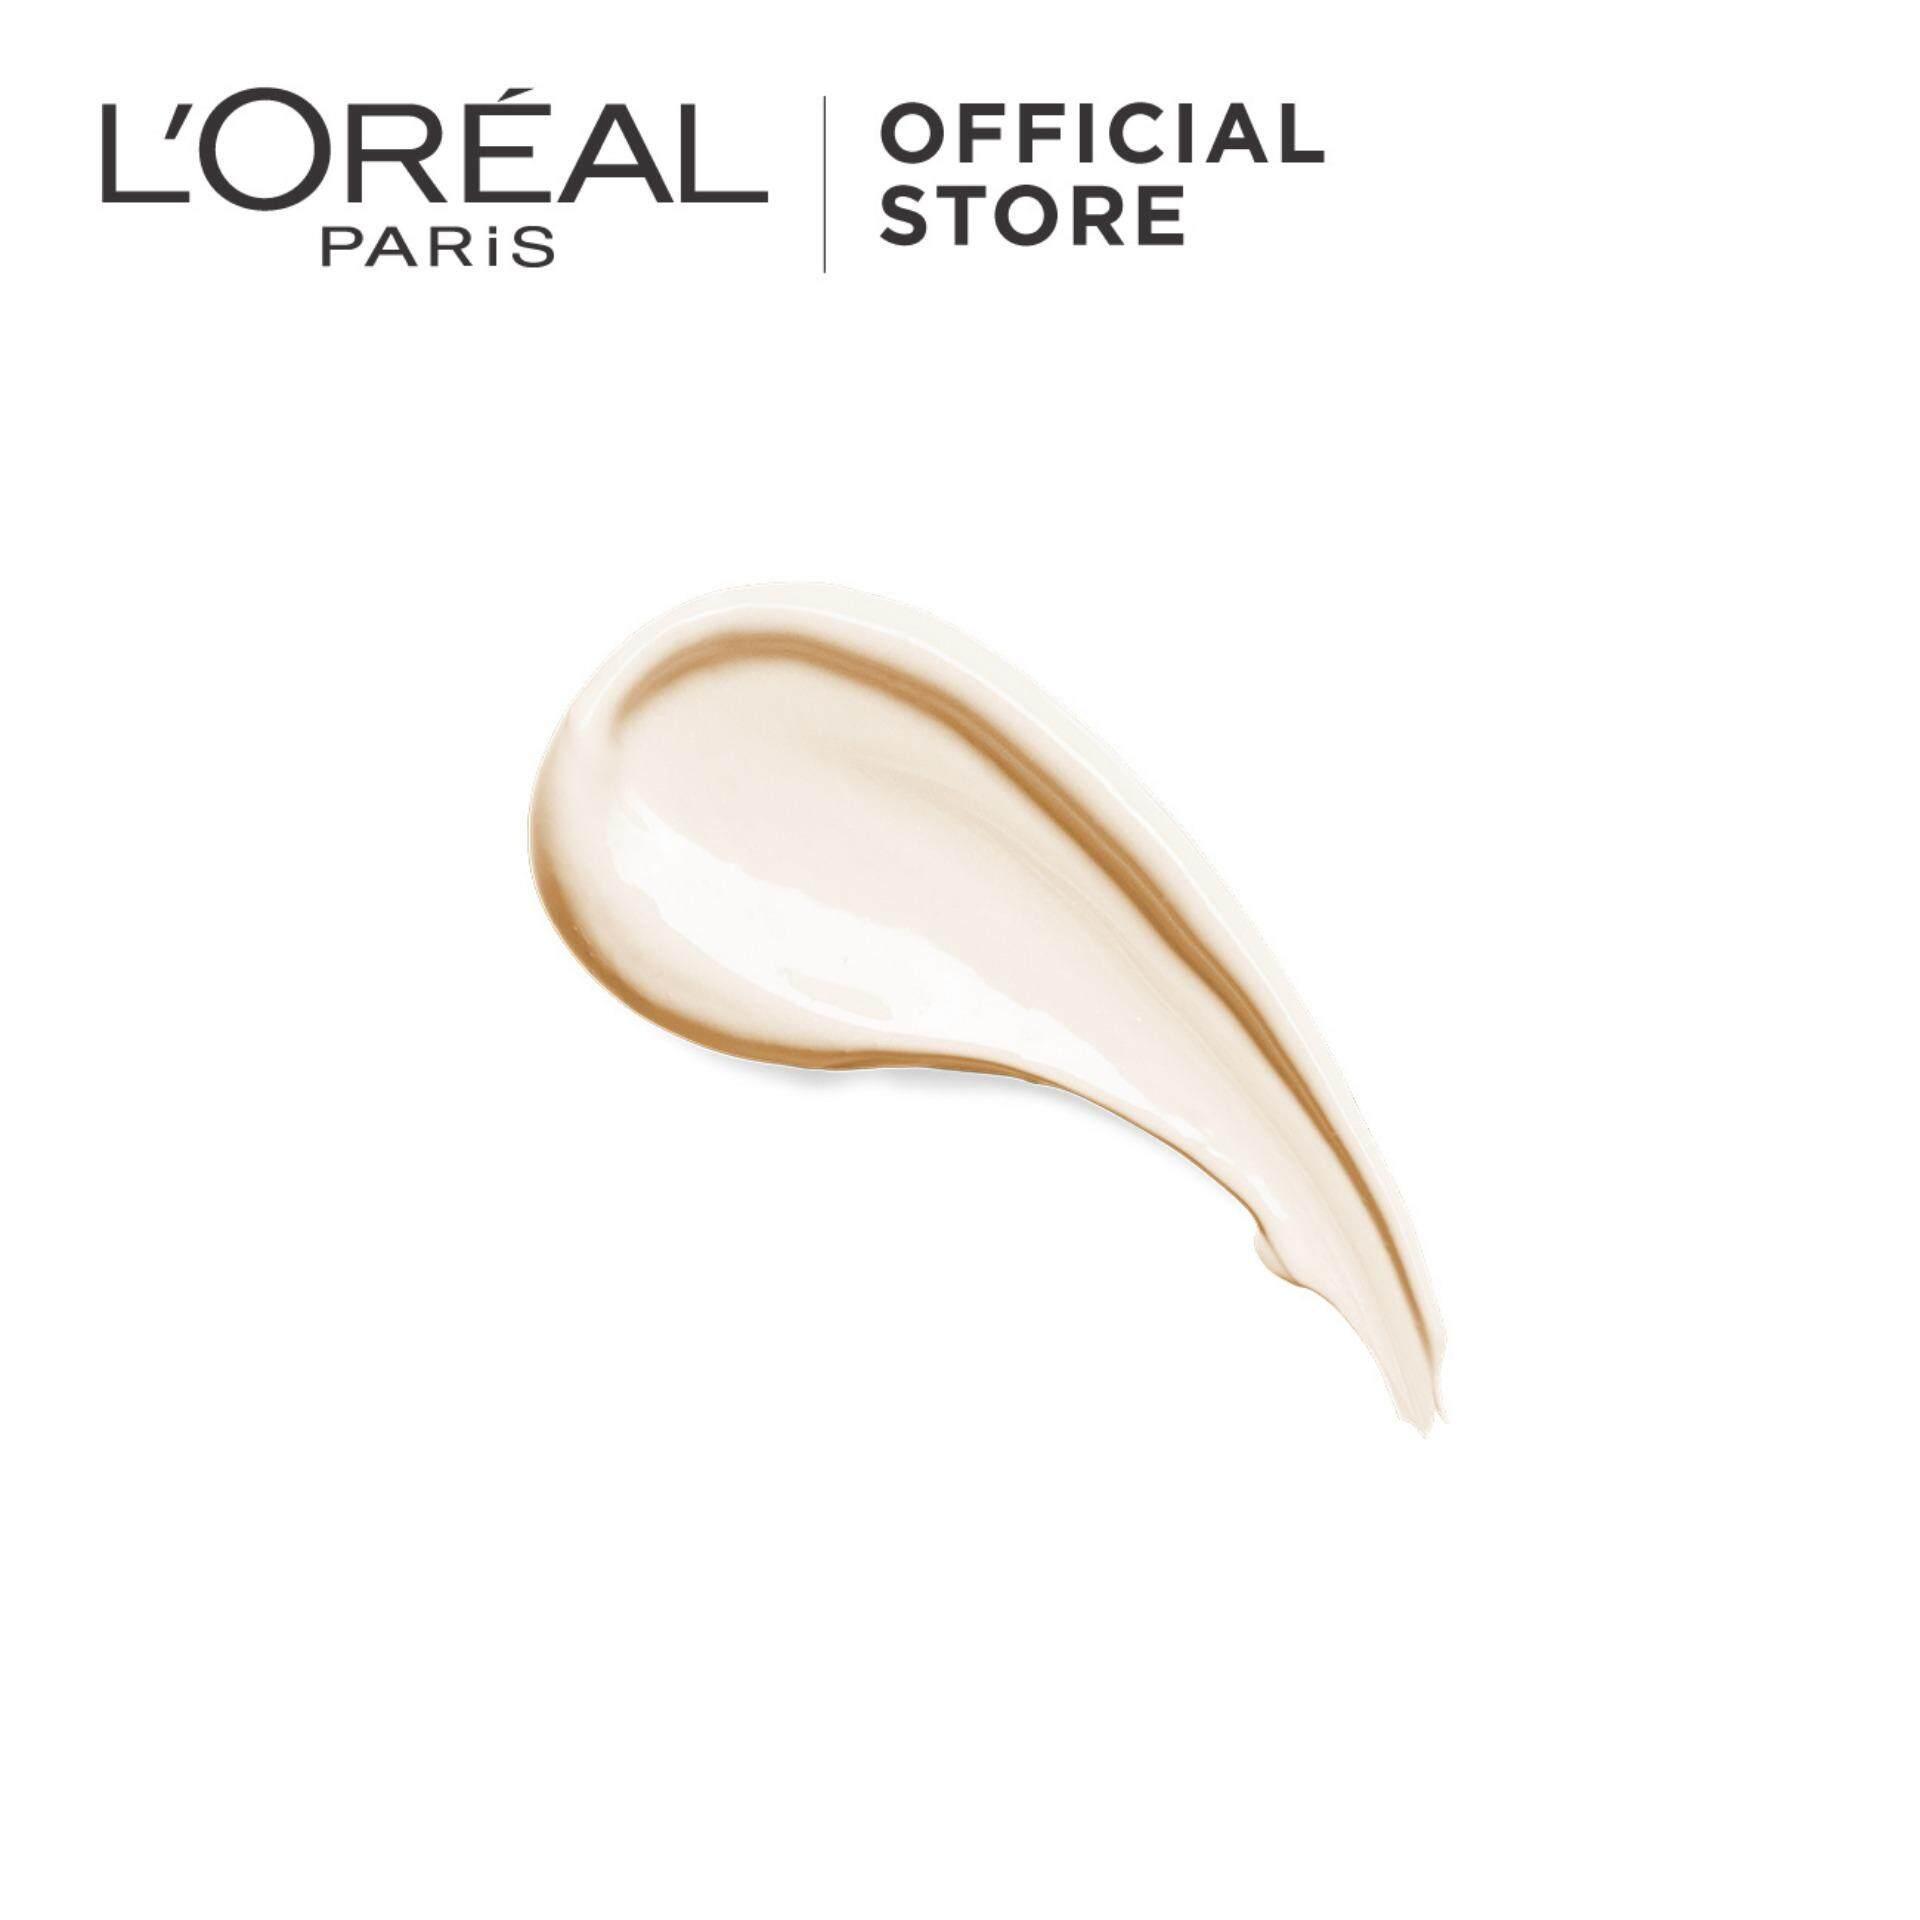 L'Oreal Paris Revitalift Day Cream SPF23 50ml - 4